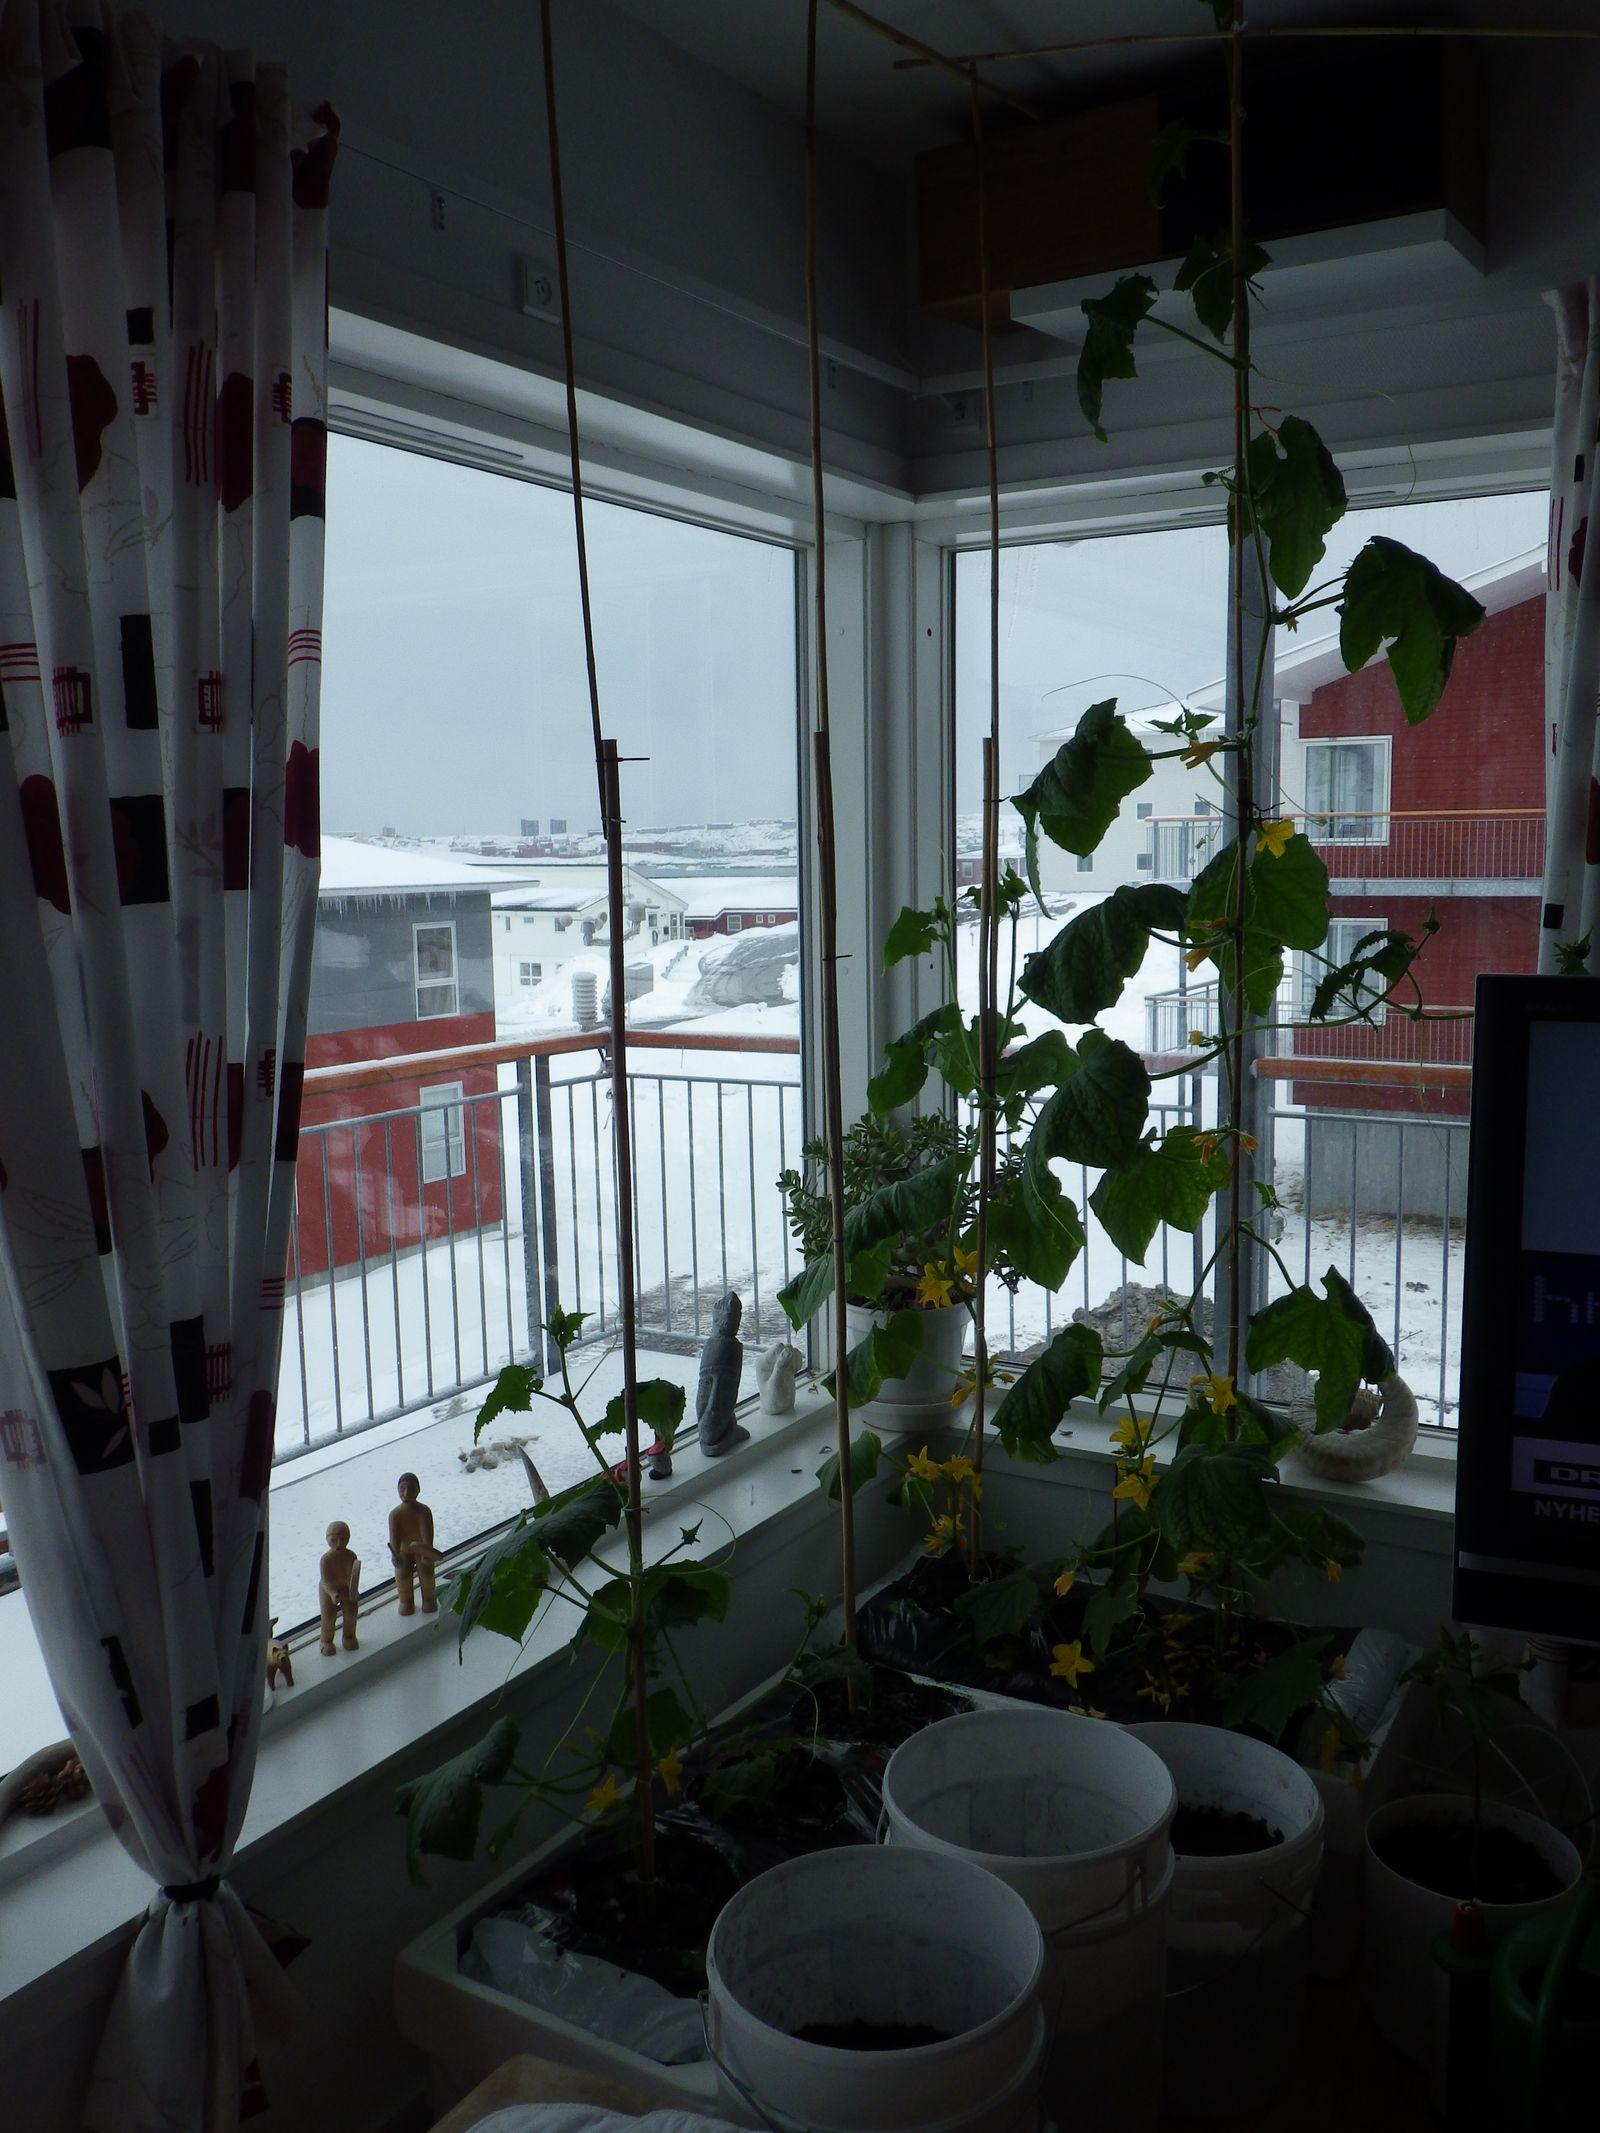 2014-04-28-1548_-_Agurkeplante_Kartoffelspande_Planter